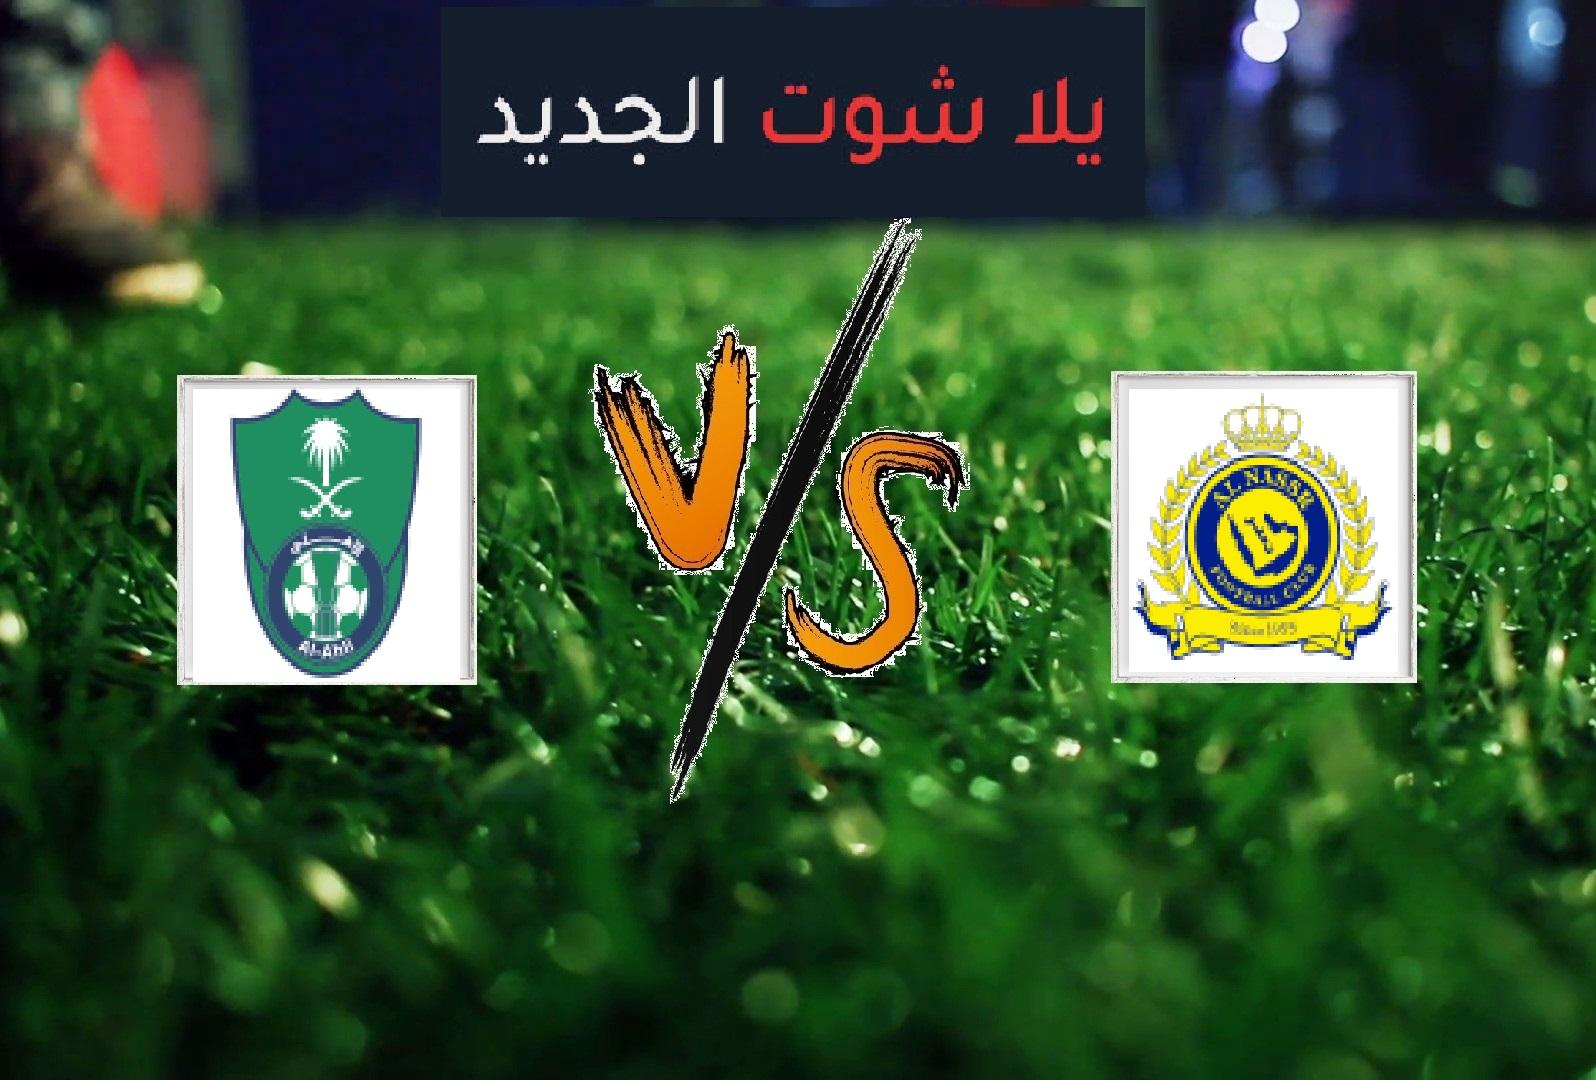 نتيجة مباراة النصر والأهلي السعودي بتاريخ 27-02-2020 الدوري السعودي